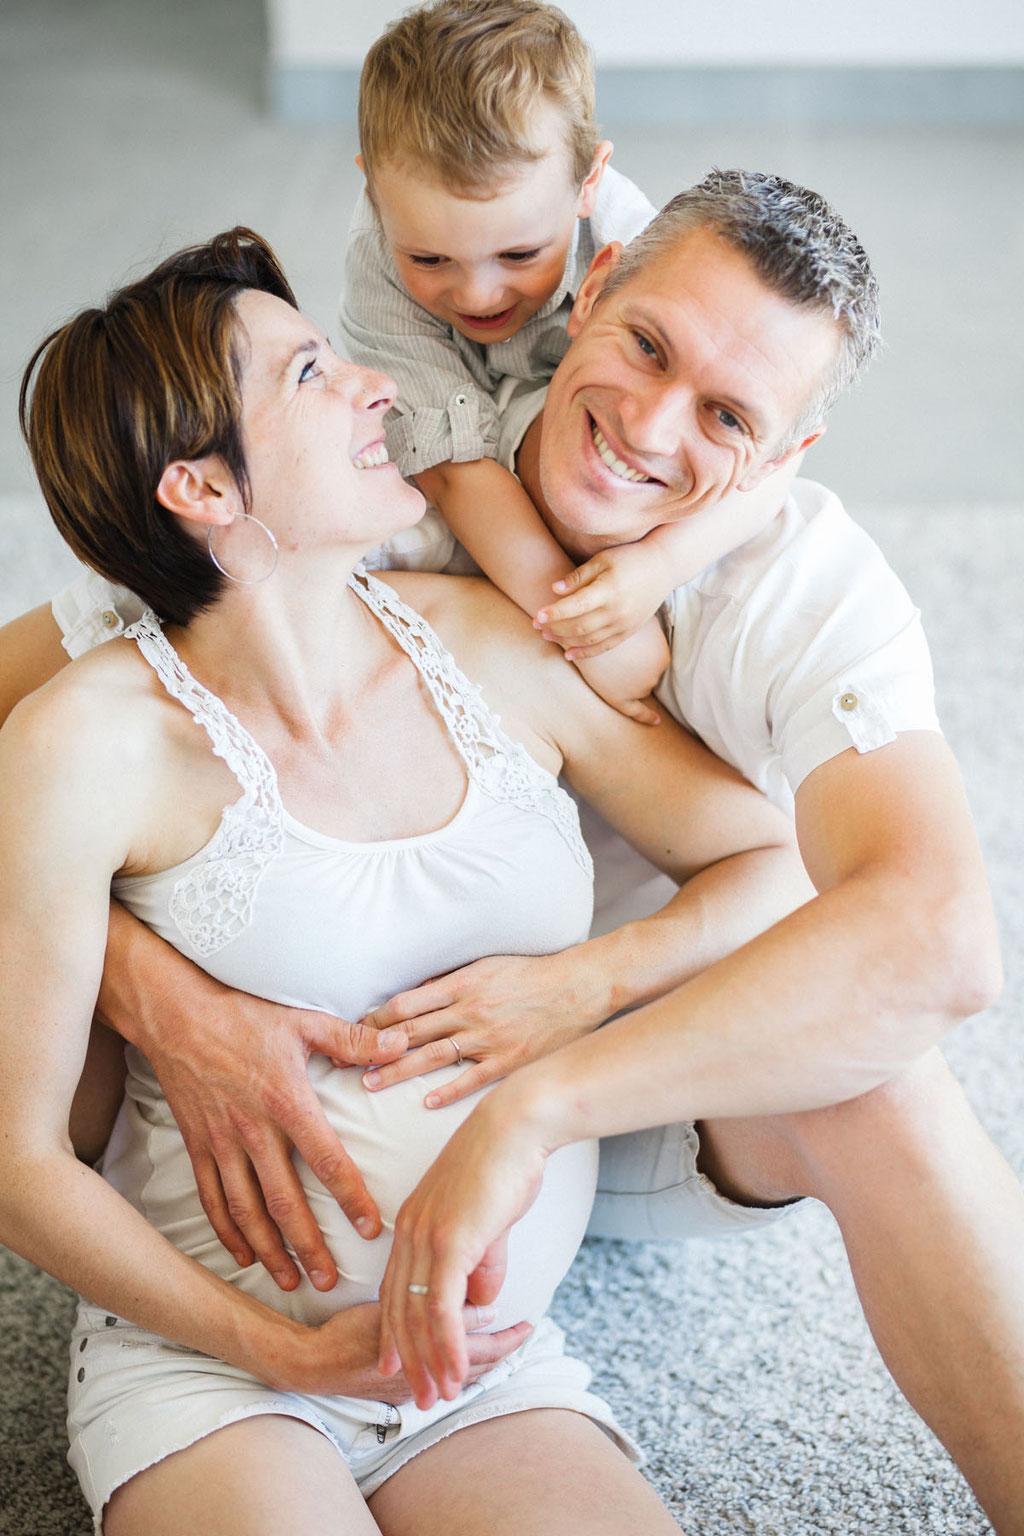 photographe famille nantes séance maternité orlane-photos.com